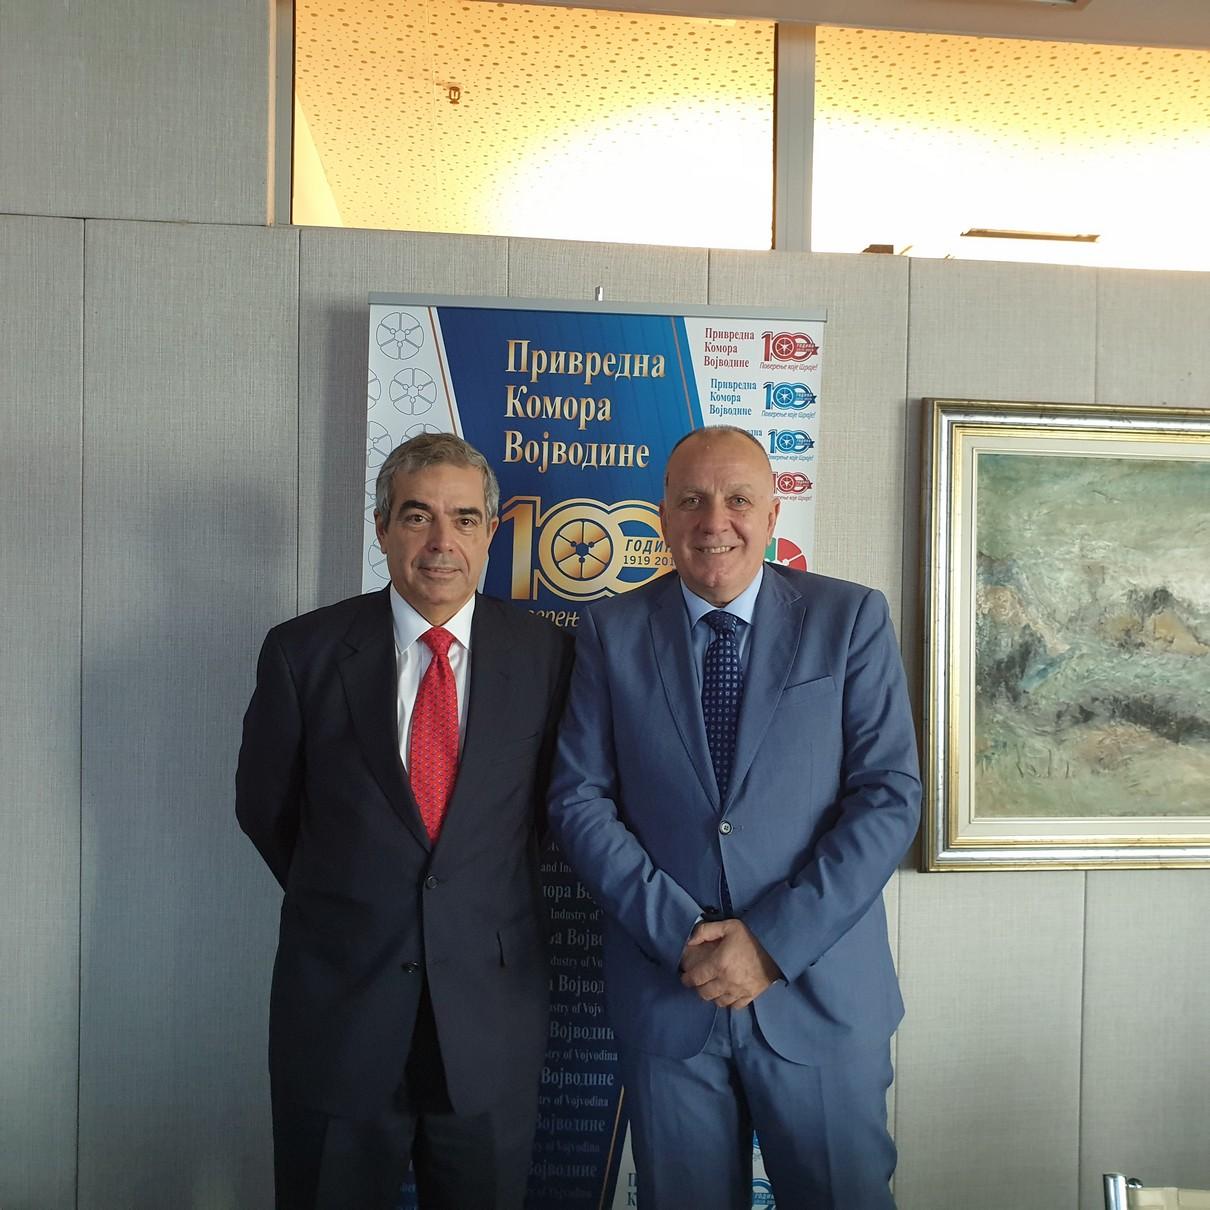 Амбасадор Савезне Републике Бразила у Републици Србији посетио Привредну комору Војводине